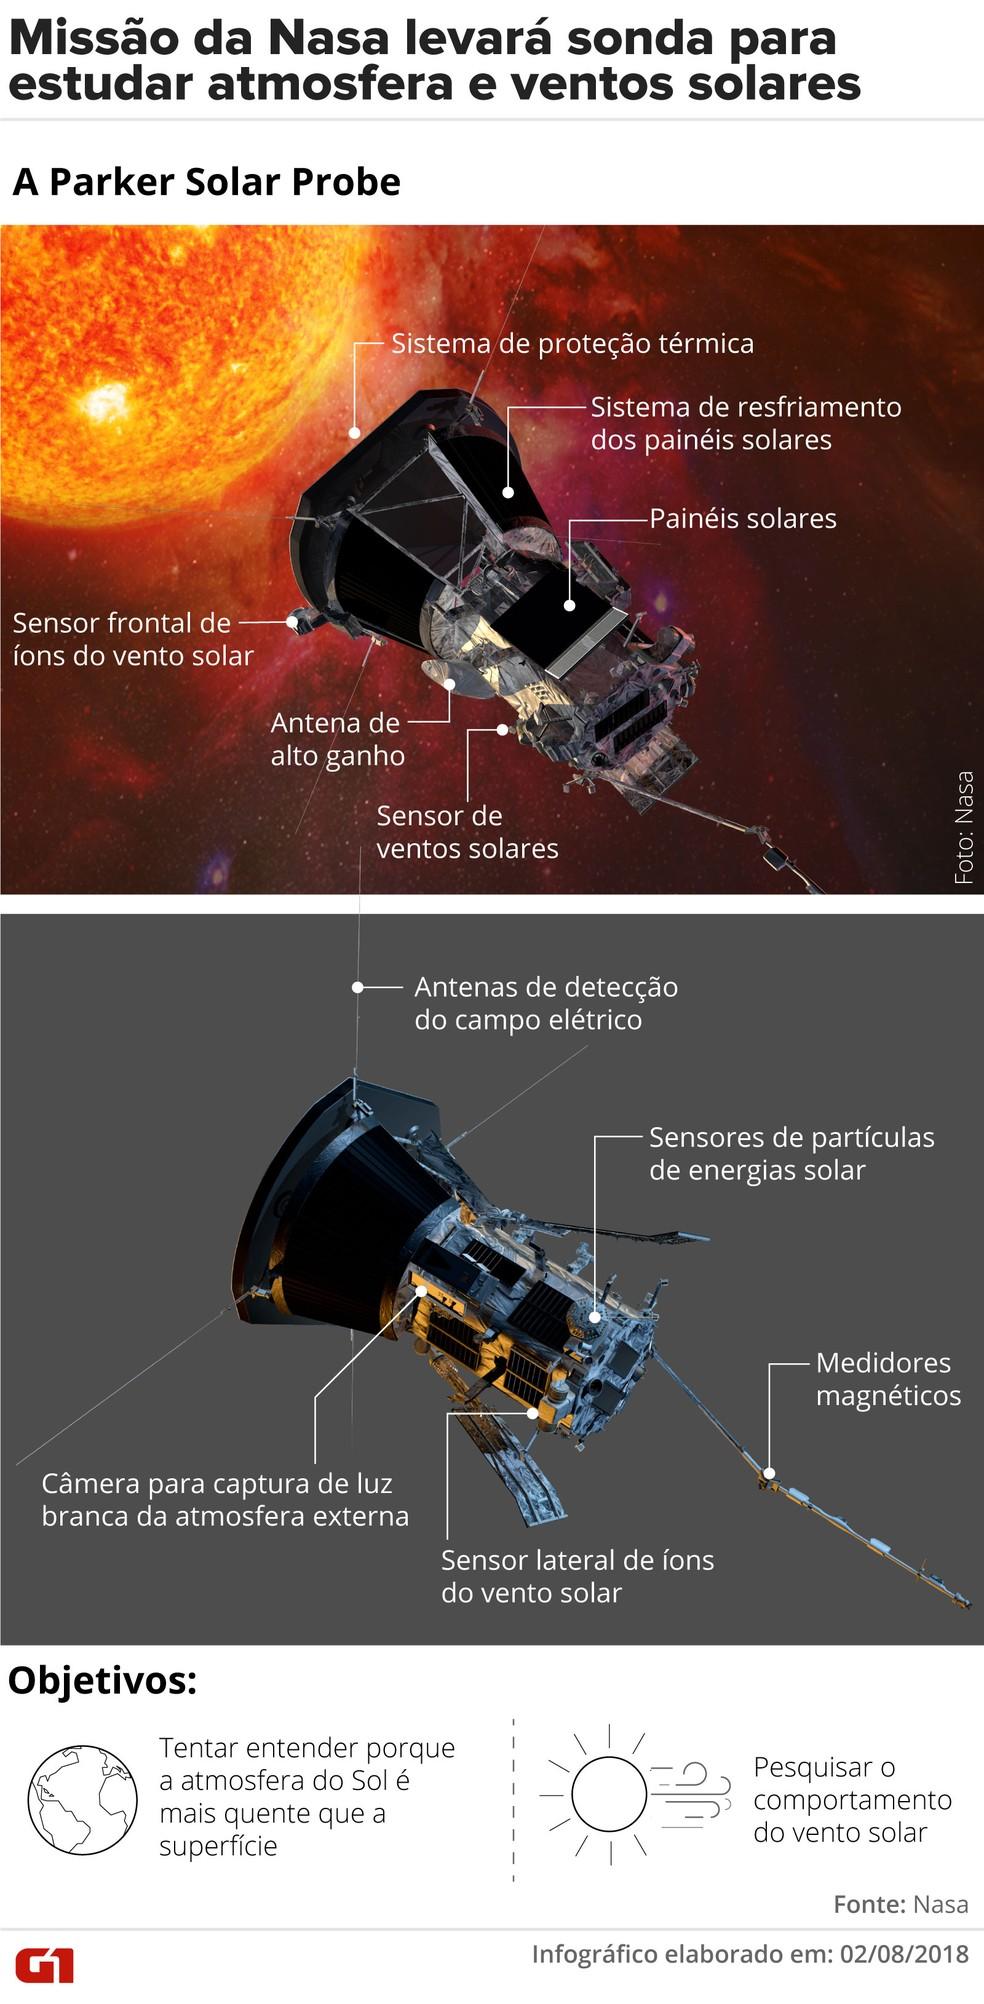 Parker Solar Probe, missão da Nasa para o Sol (Foto: Claudia Ferreira/G1)